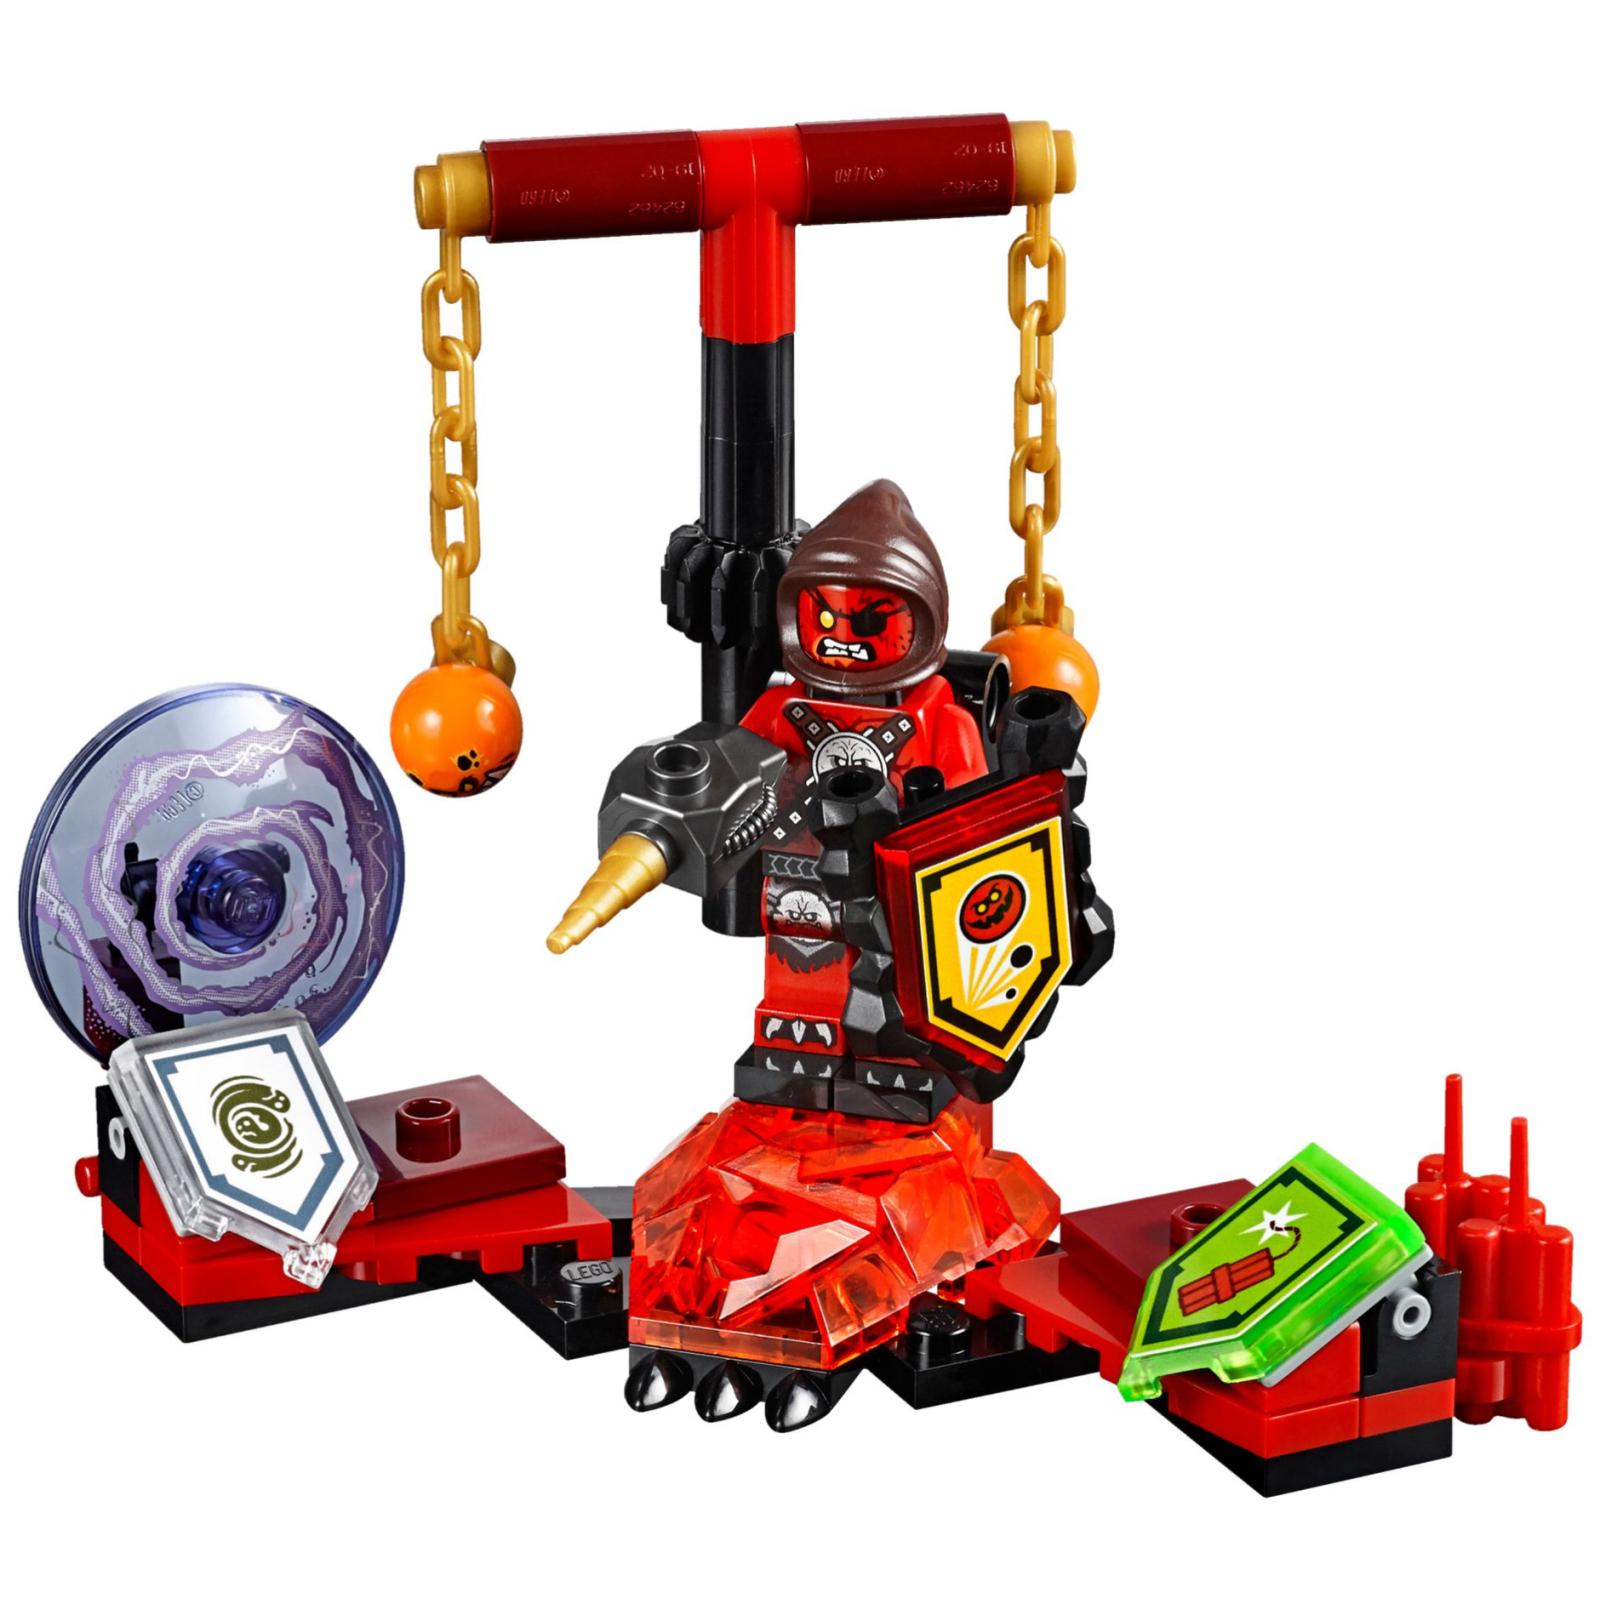 Конструктор LEGO Nexo Knights Предводитель монстров Абсолютная сила (70334) изображение 2